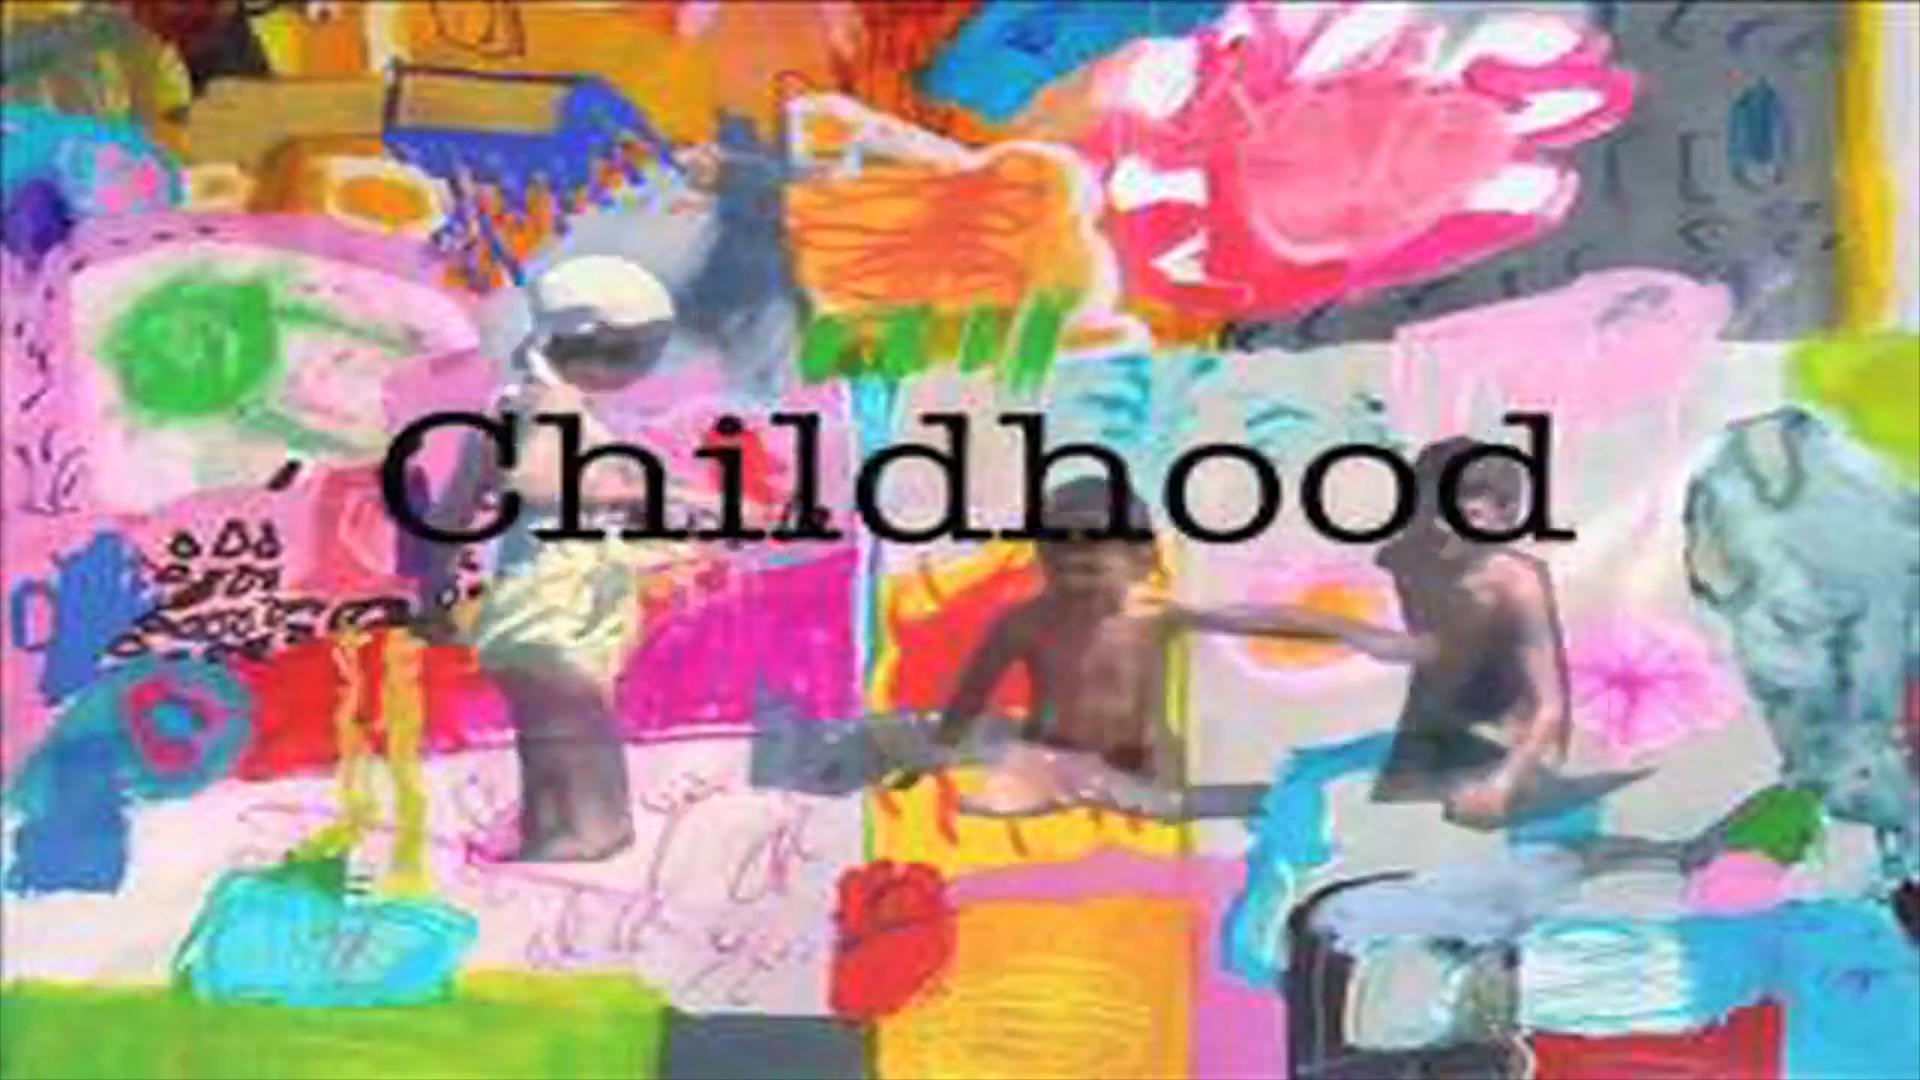 Childhoodstill